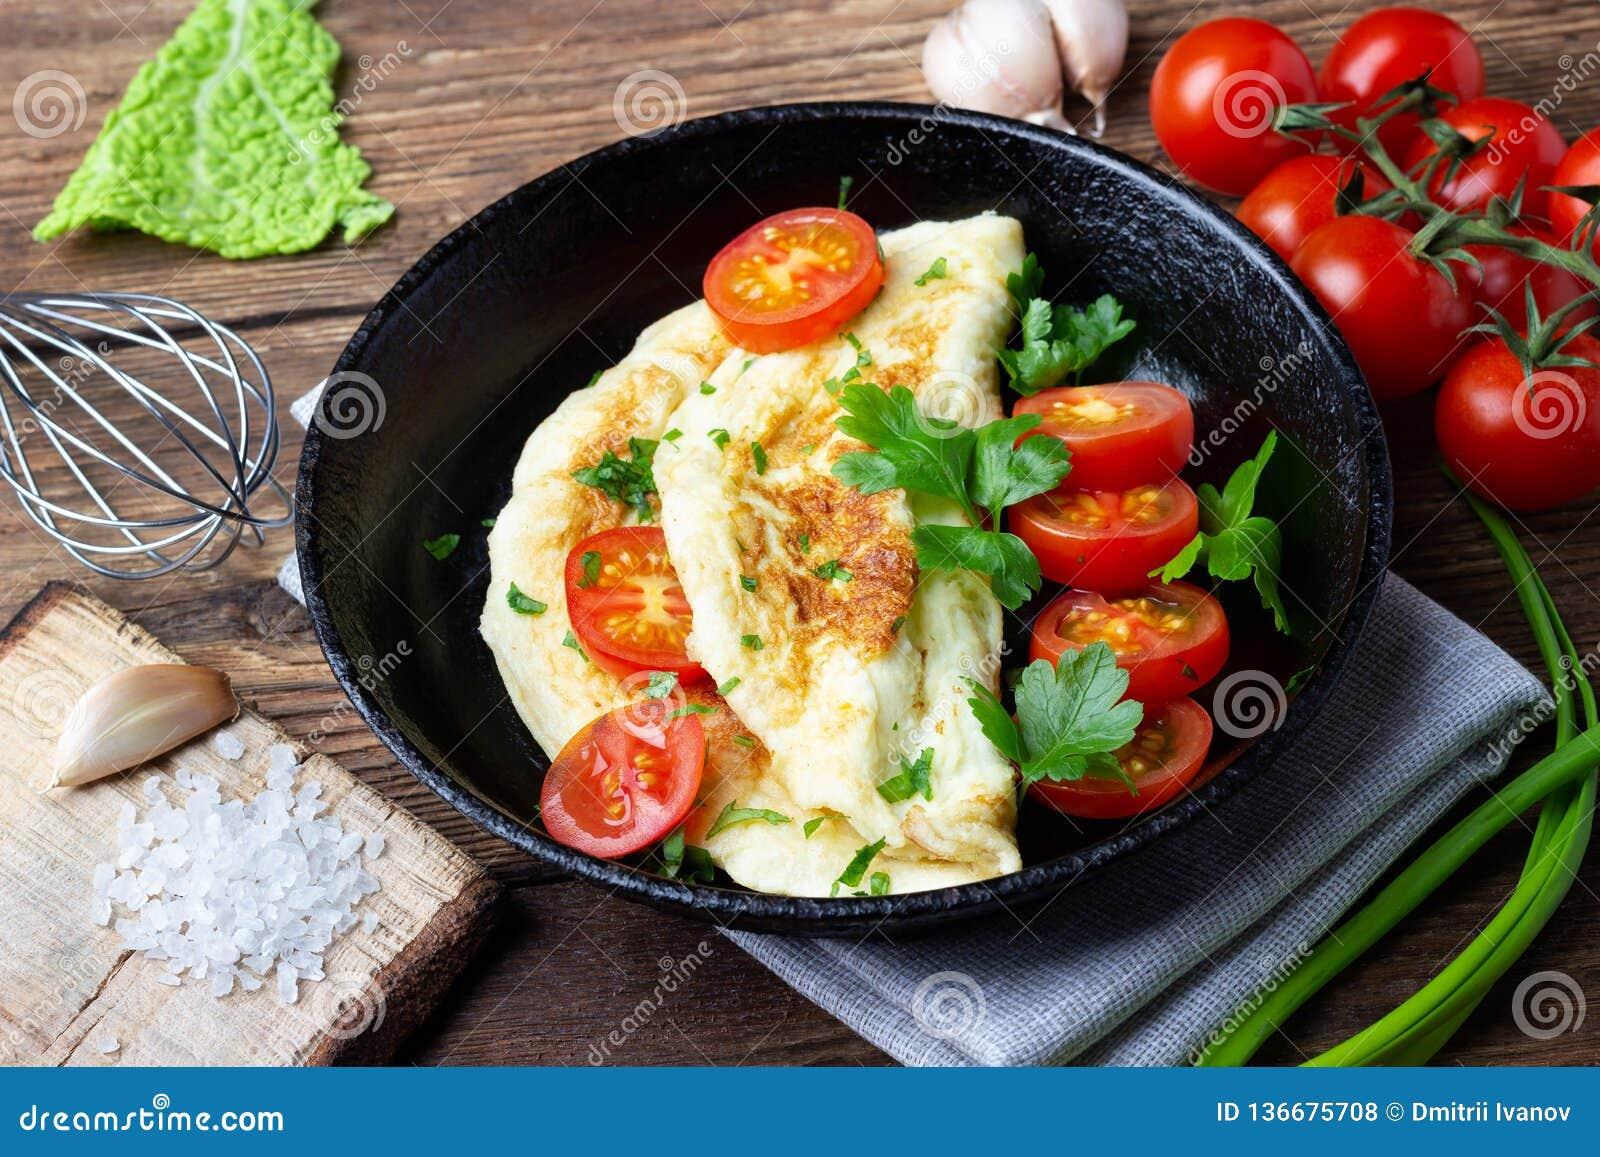 Omeleta com tomates de cereja e salsa verde fresca em uma bandeja preta do ferro